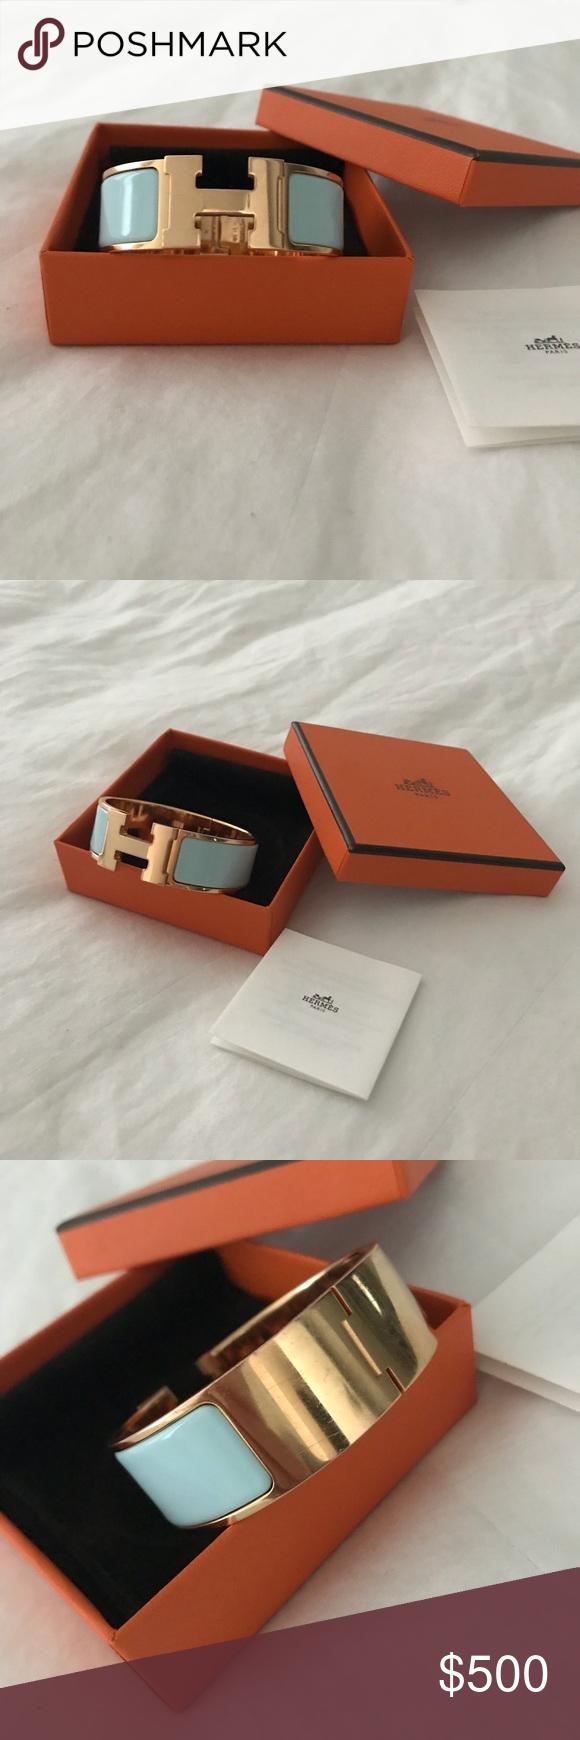 Hermès clic clac le bracelet h rose gold u blue authentic hermès